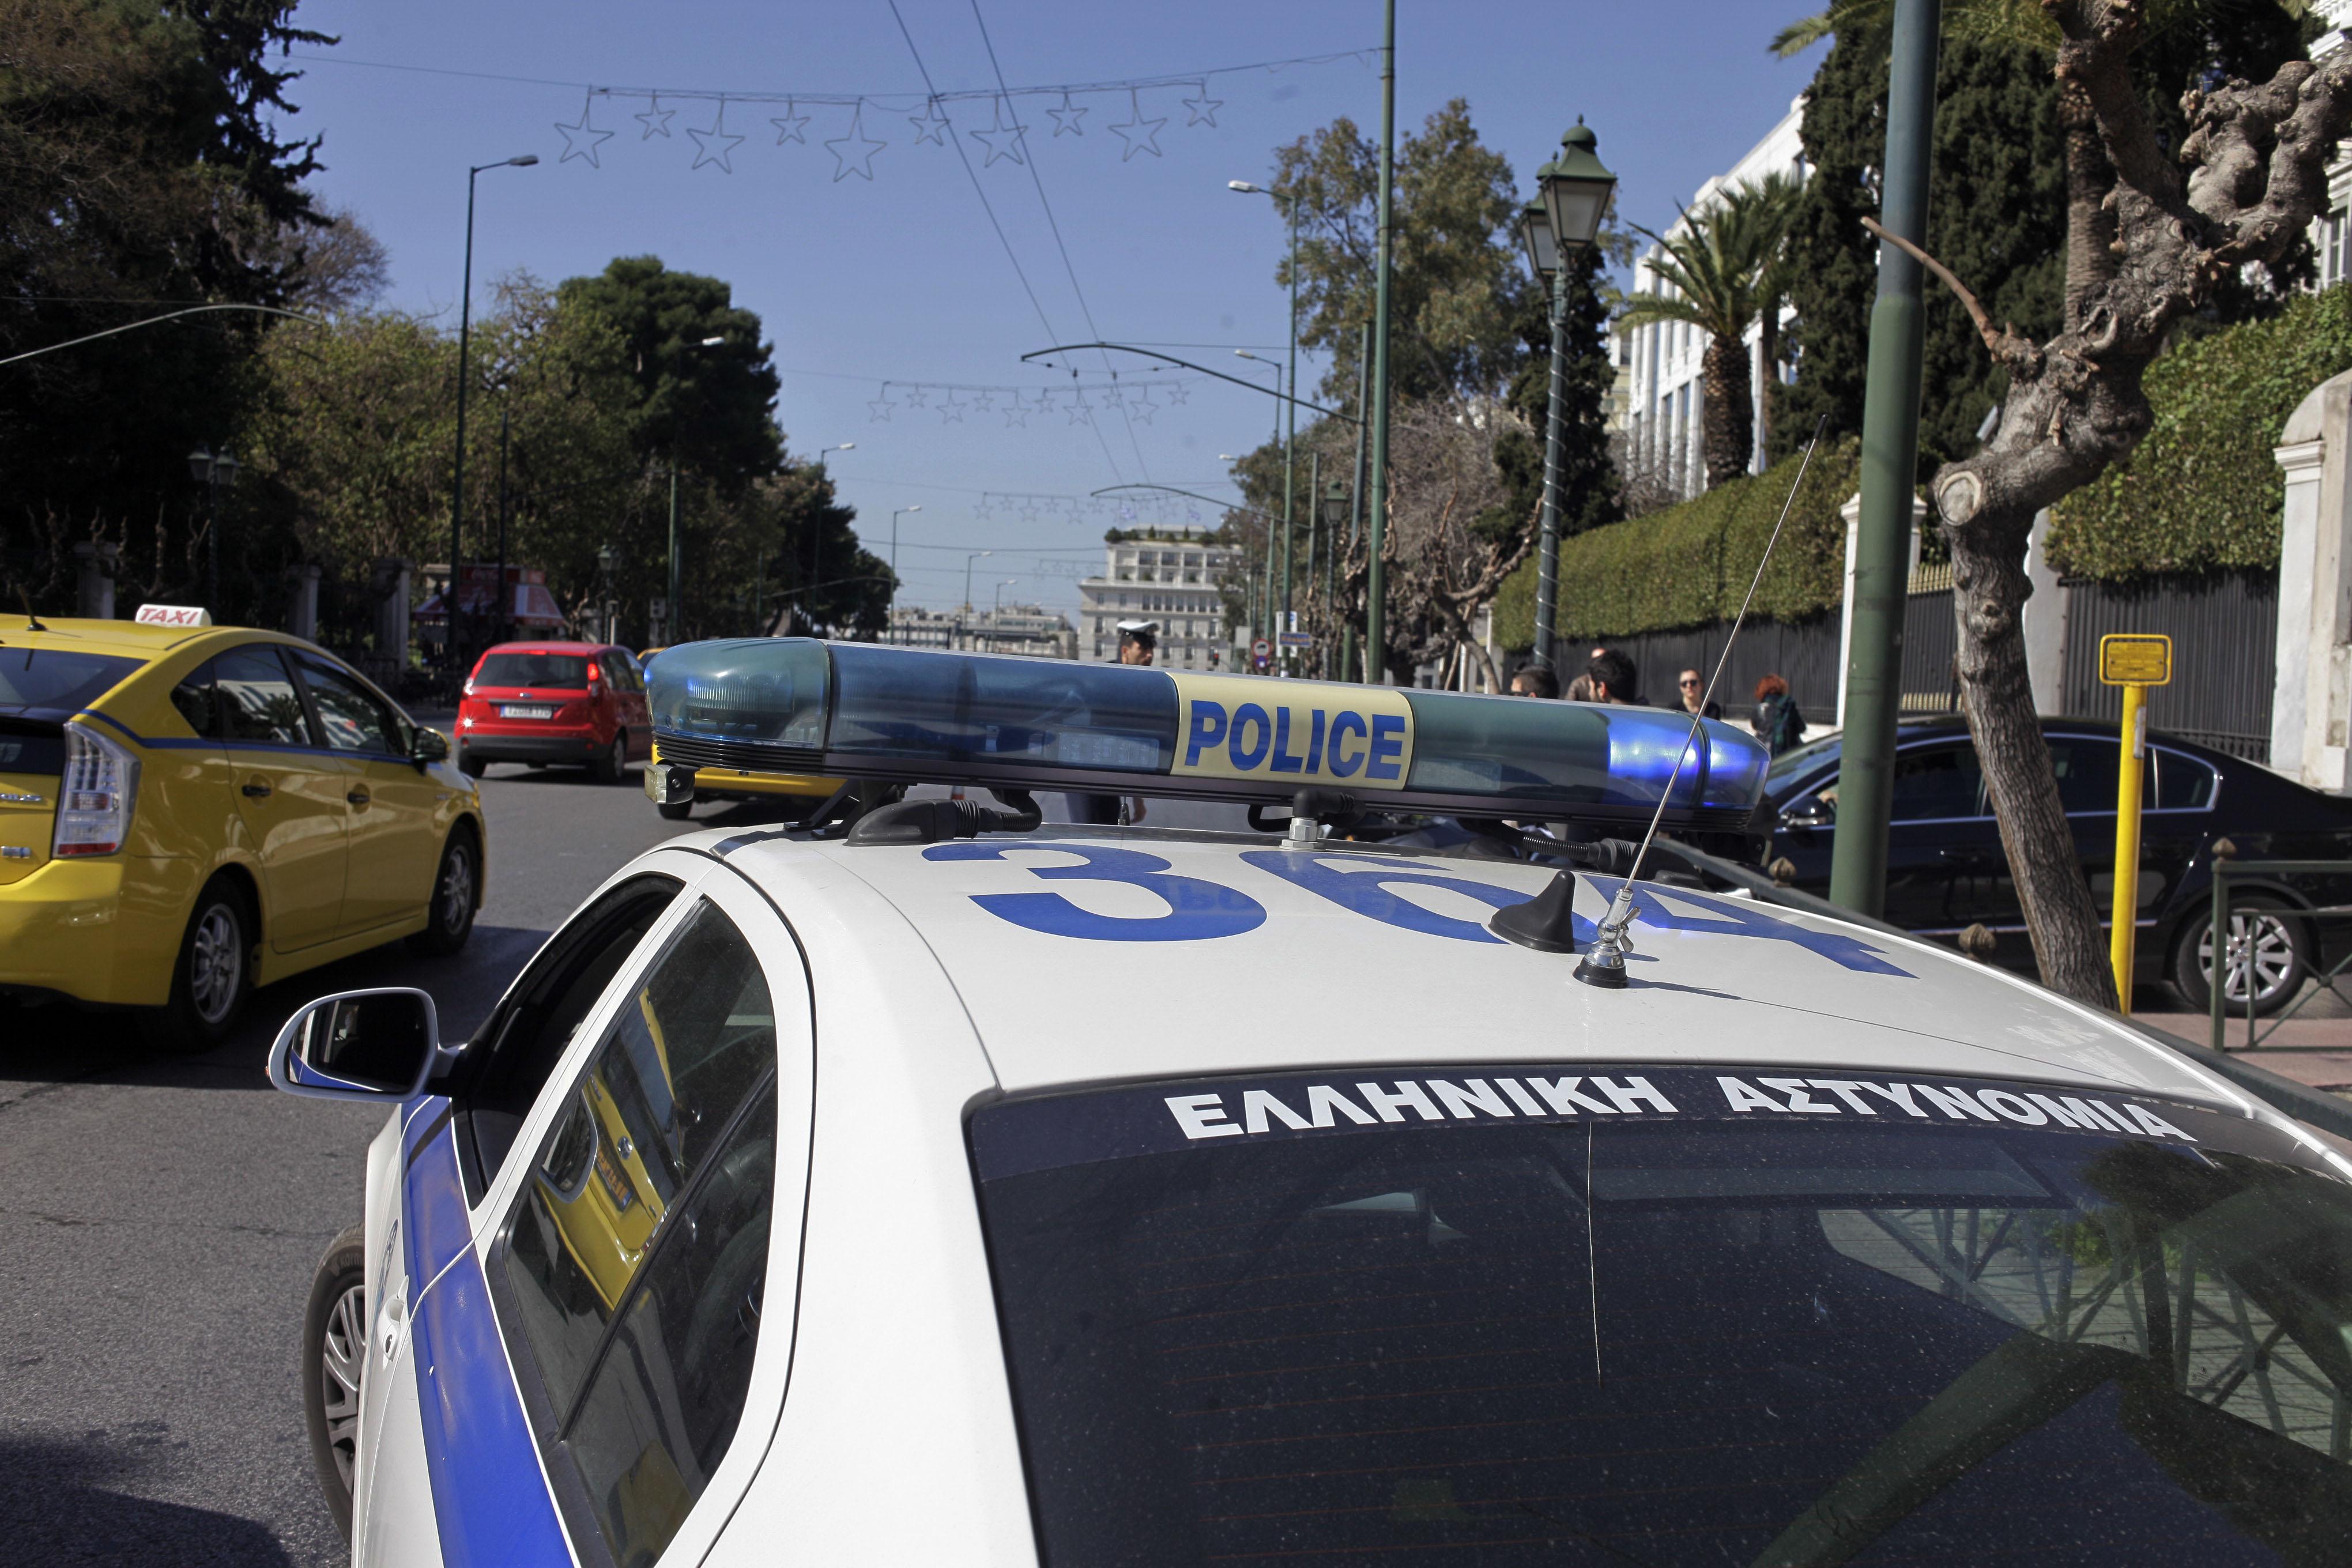 Καταδίωξη ΙΧ αυτοκινήτου με ανταλλαγή πυροβολισμών στον Ασπρόπυργο | tovima.gr